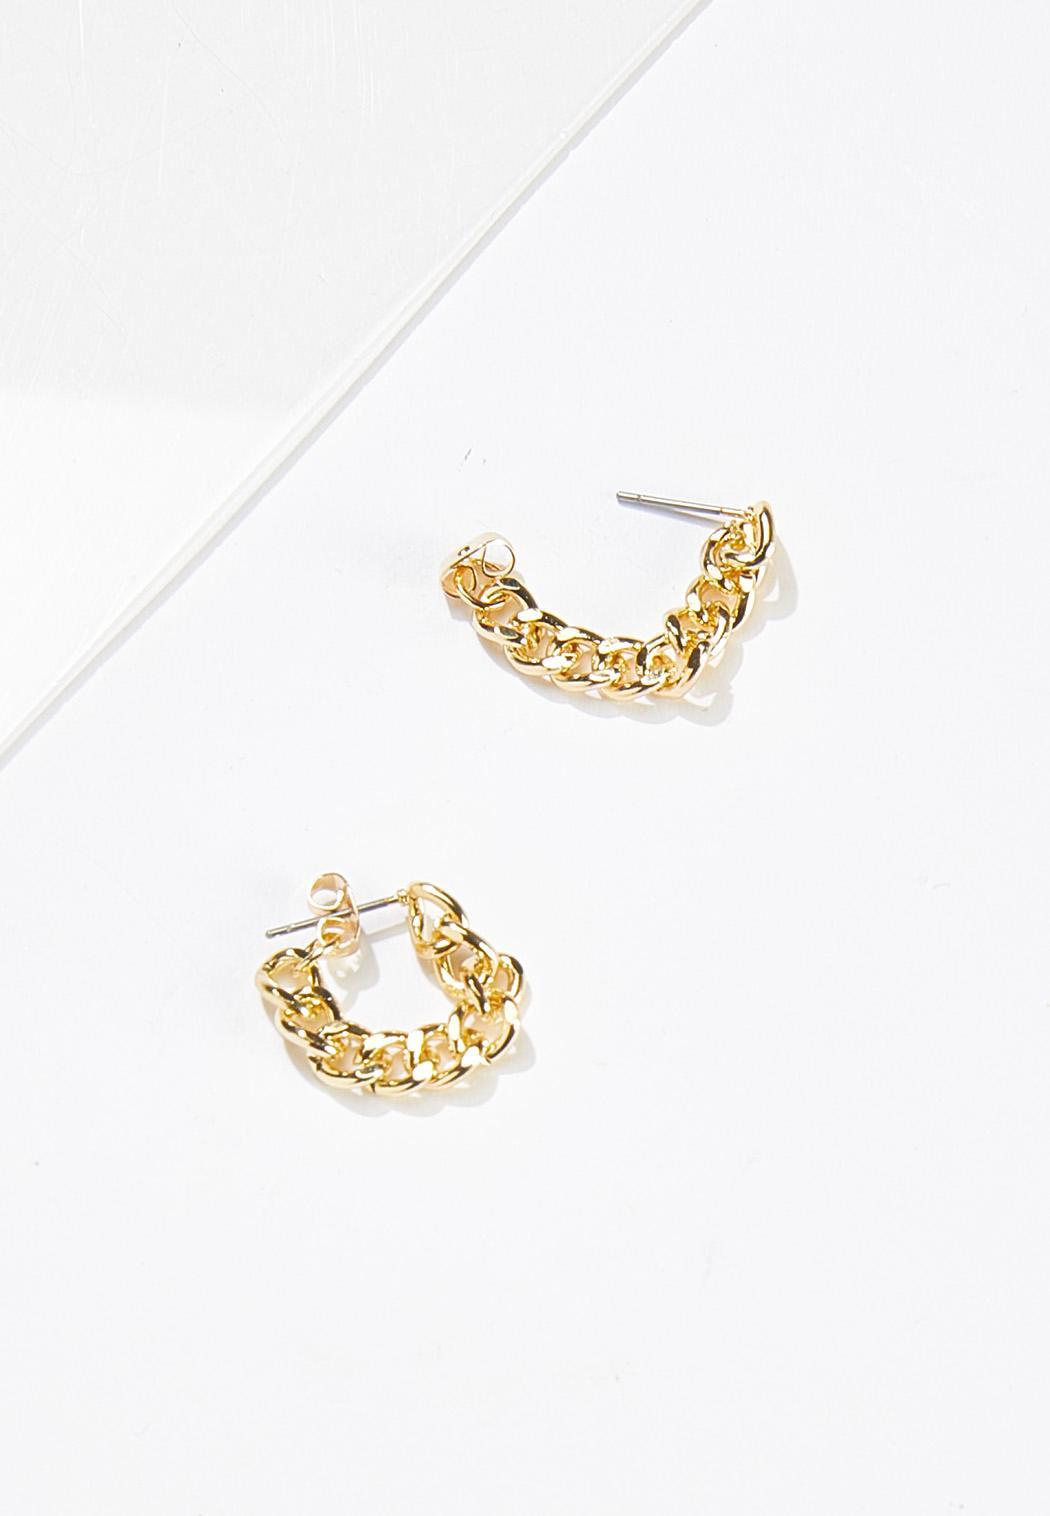 Chain Front Back Earrings